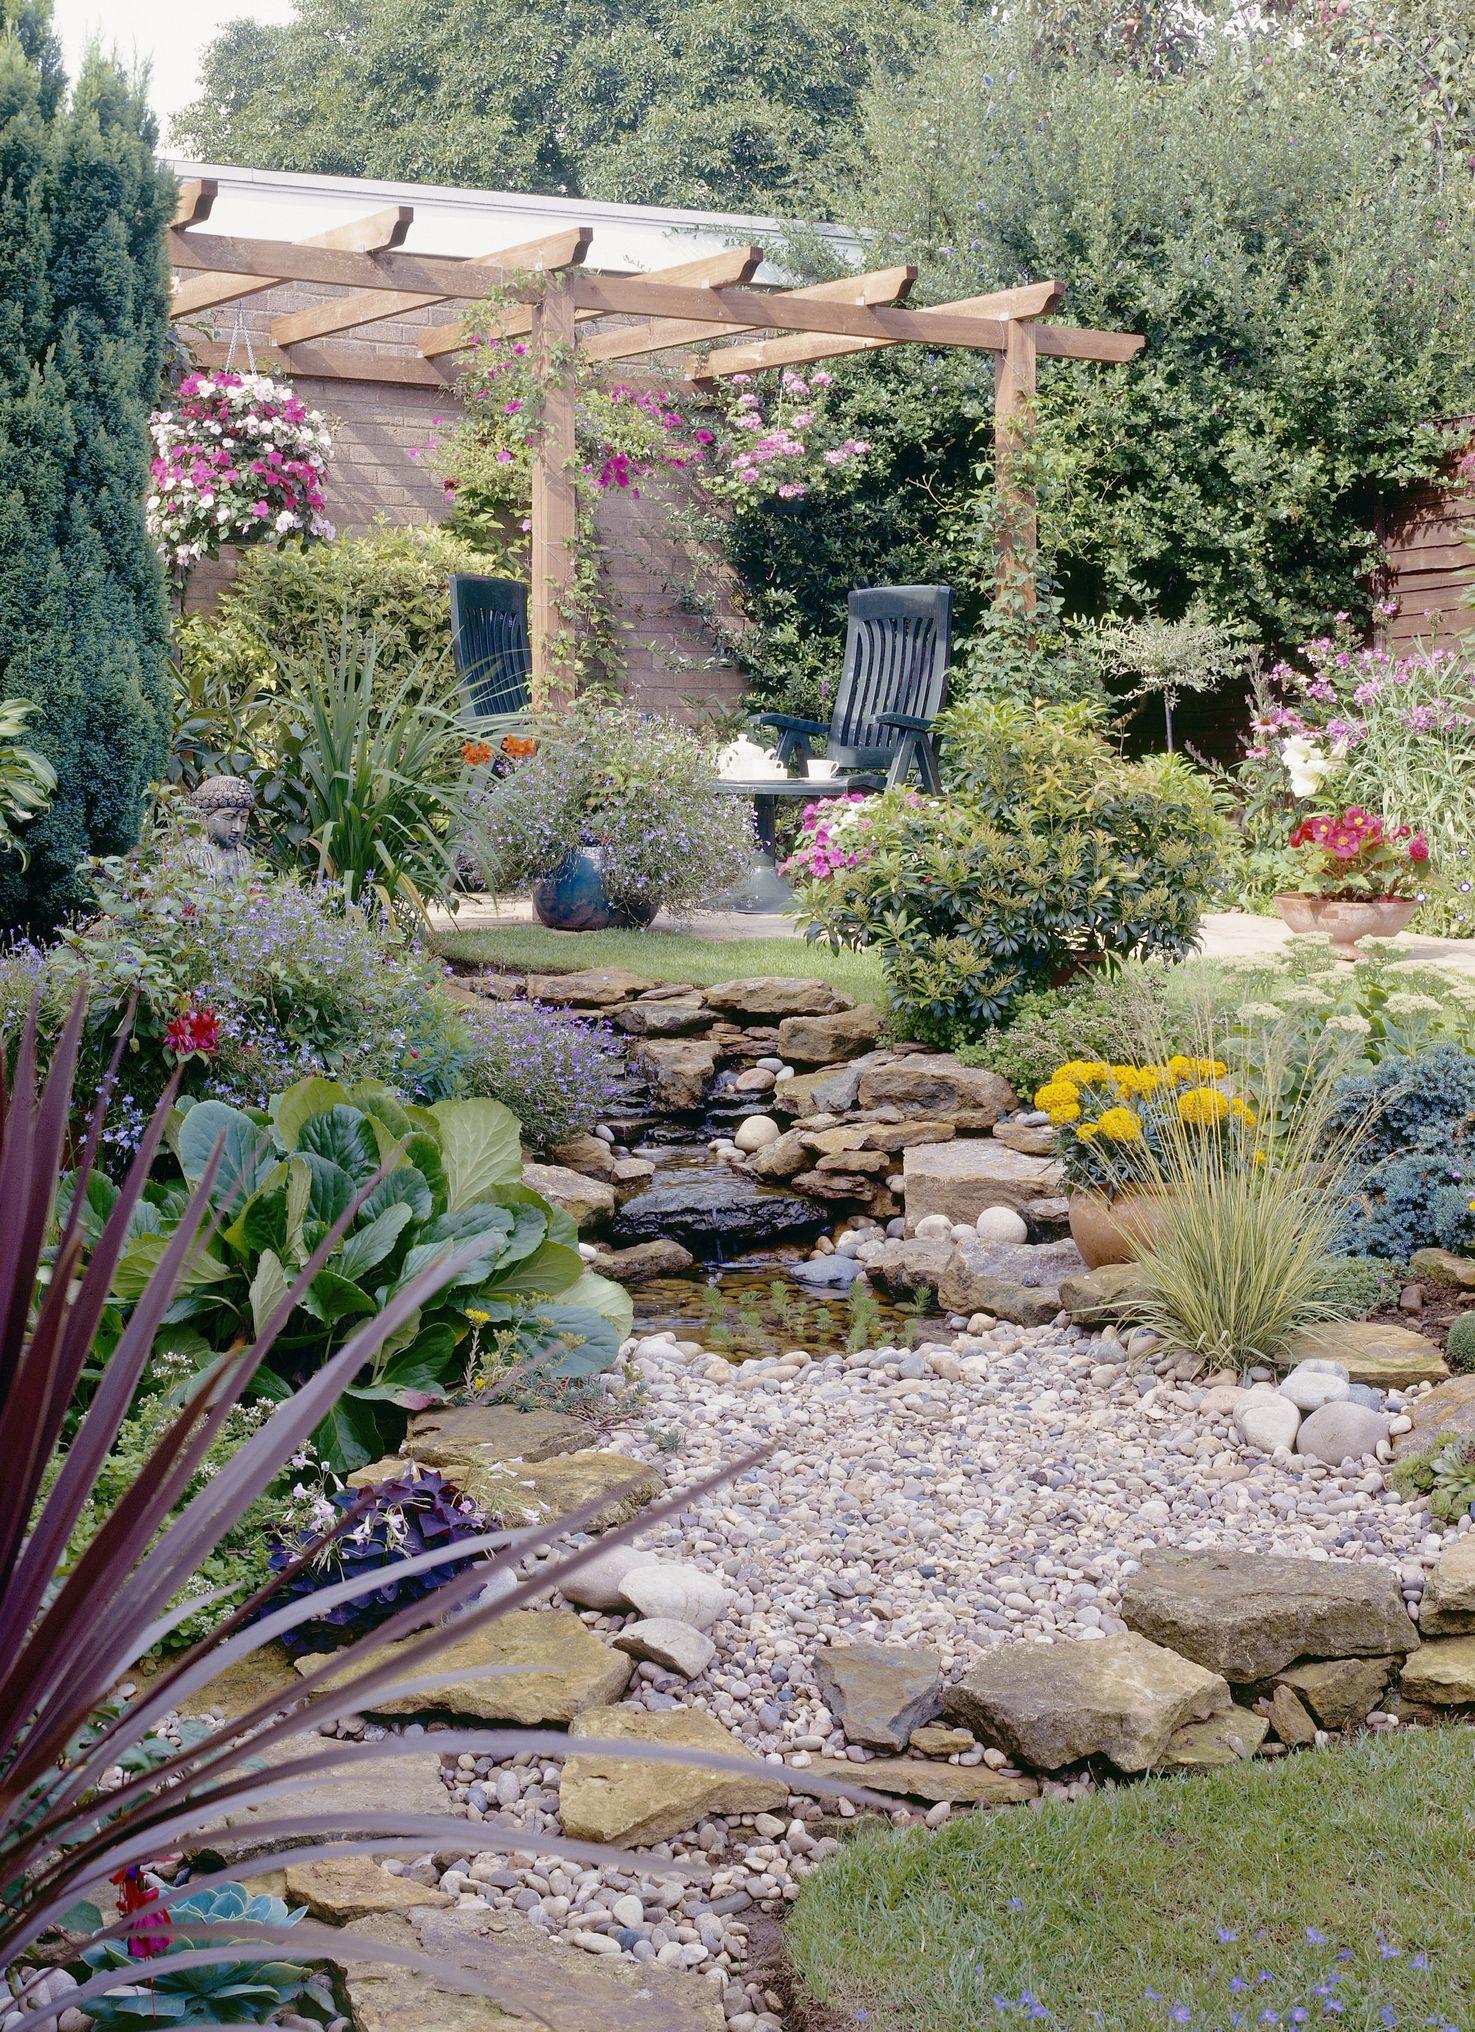 6 rock garden ideas - yard